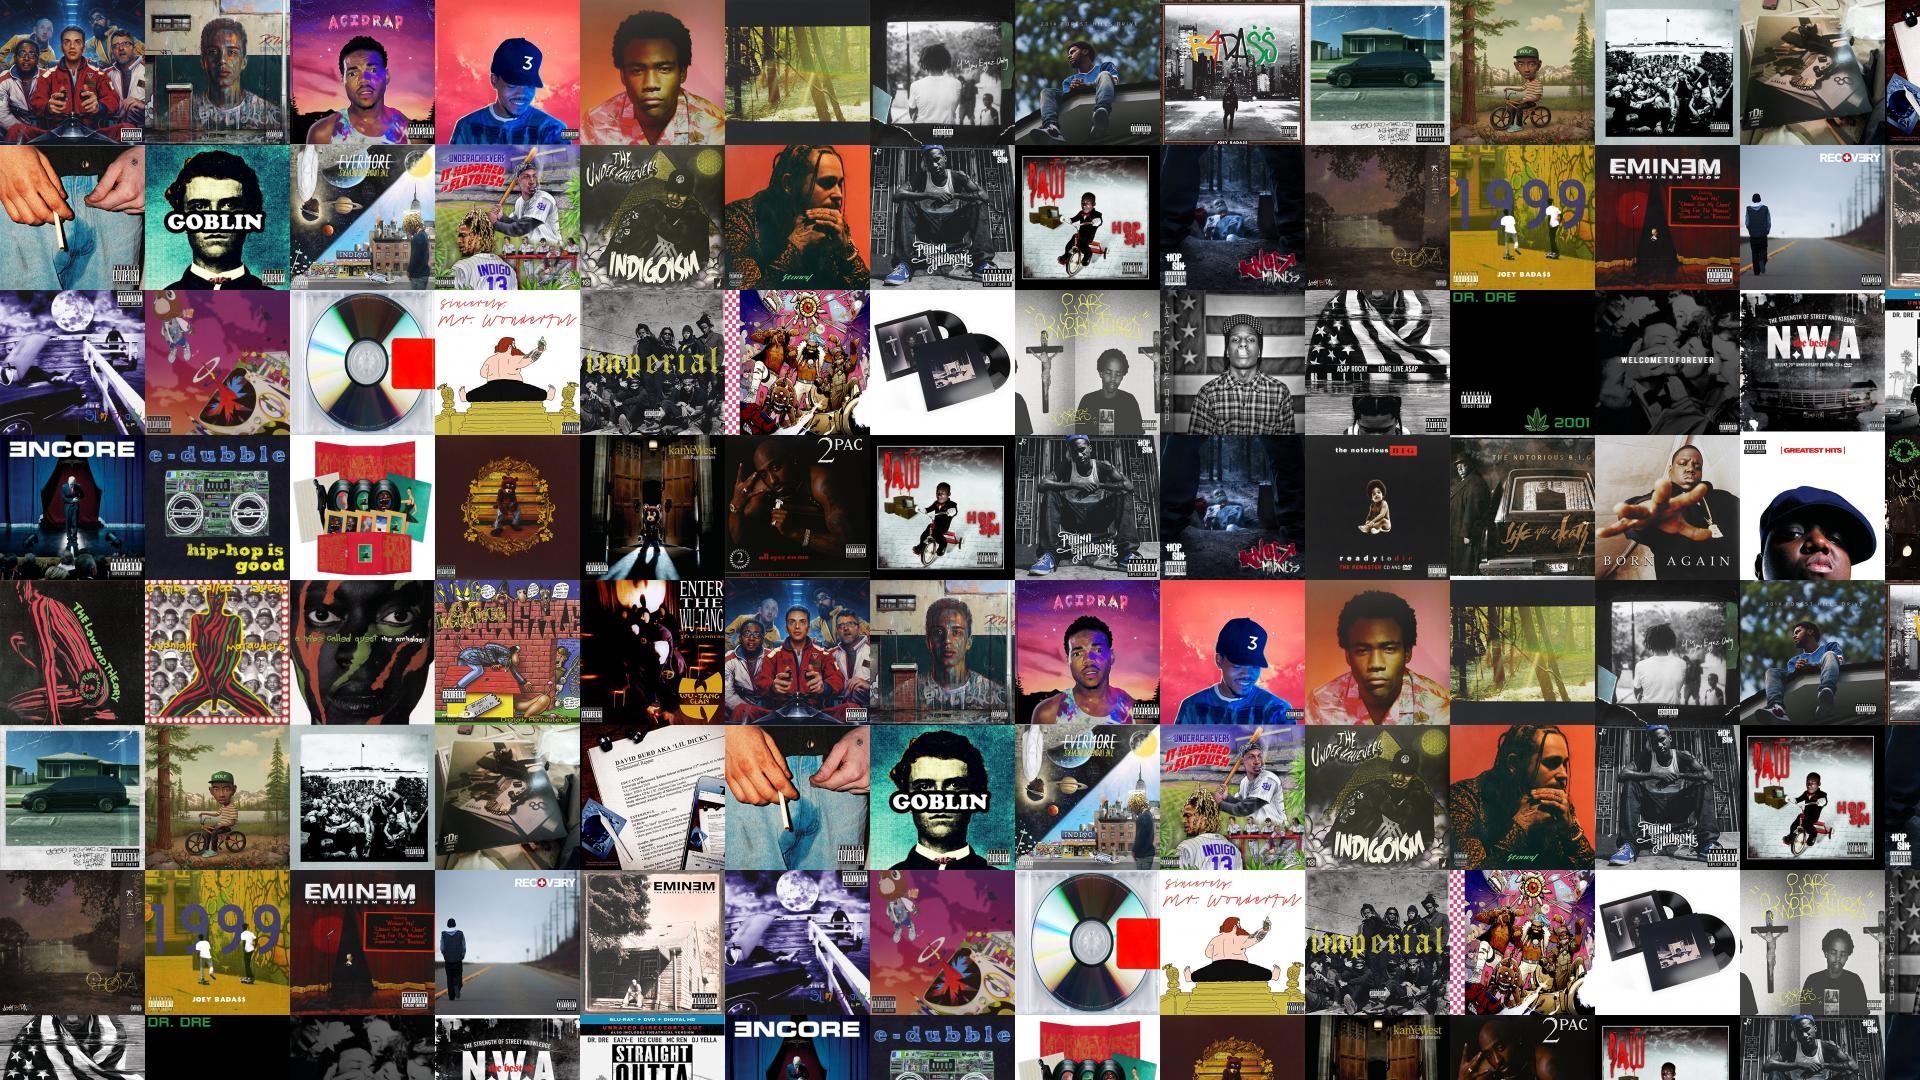 Logic Under Pressure Chance Rapper Coloring Wallpaper Â« Tiled Desktop  Wallpaper